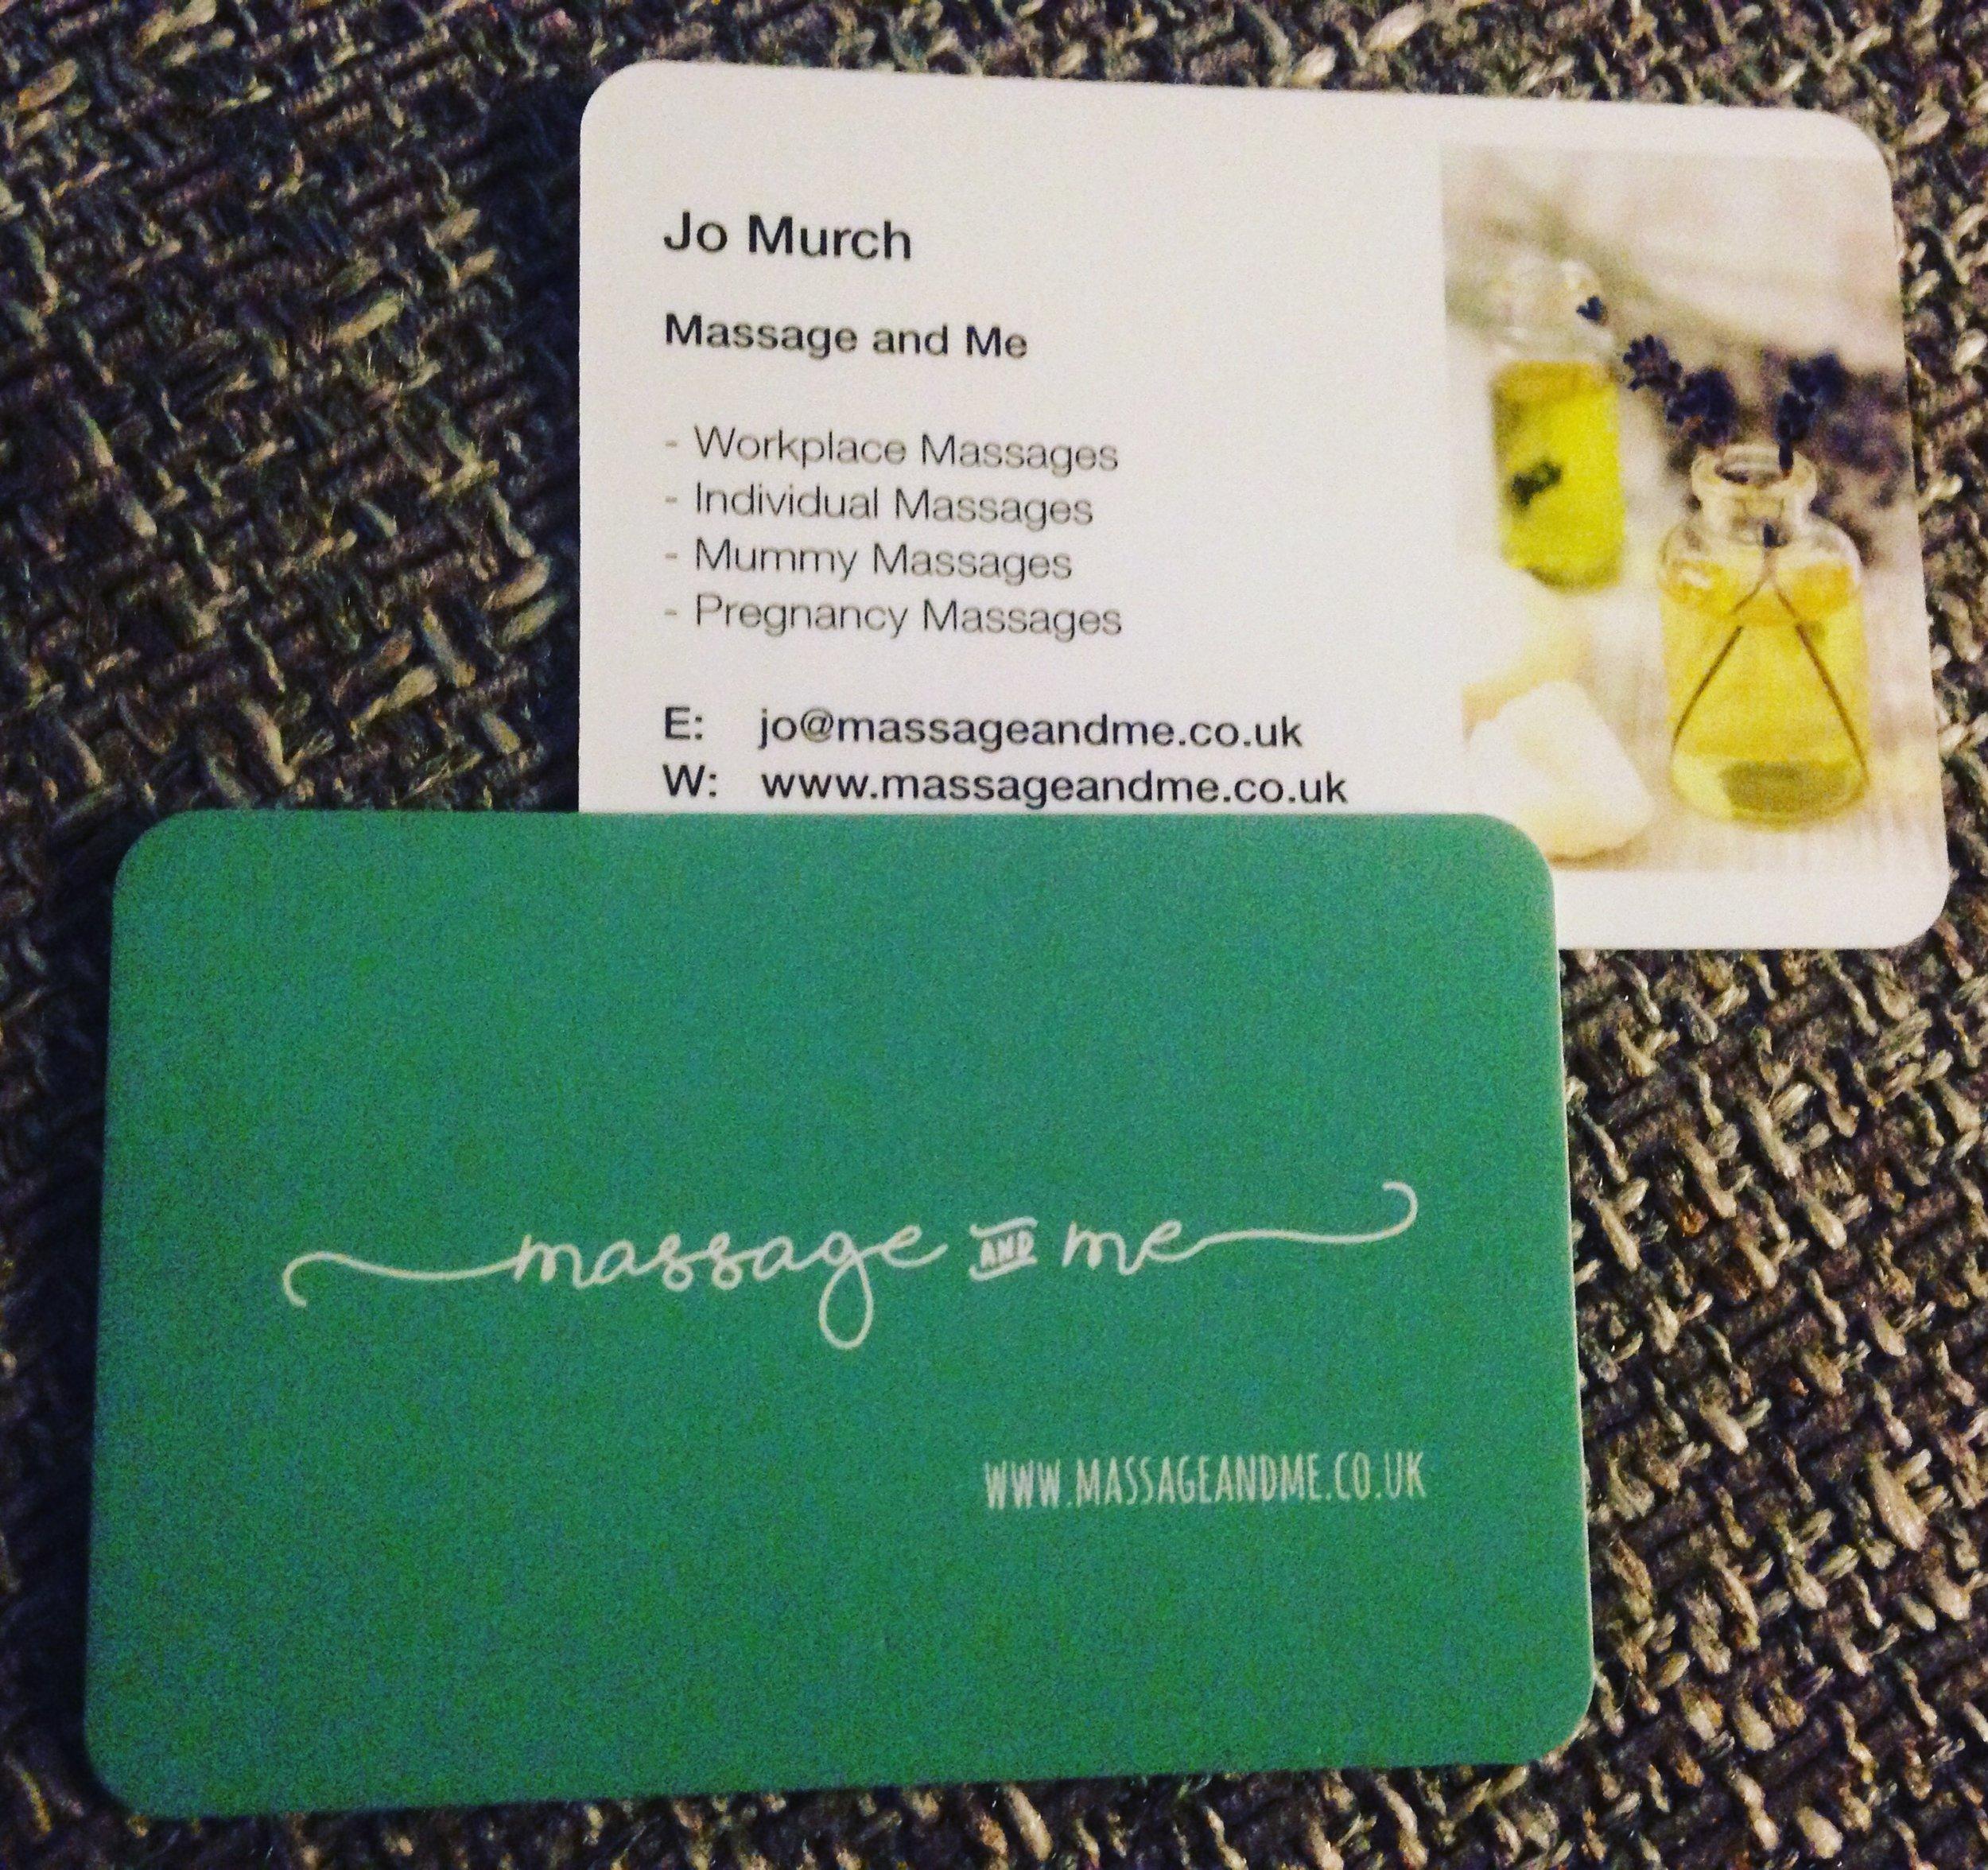 Business card goals